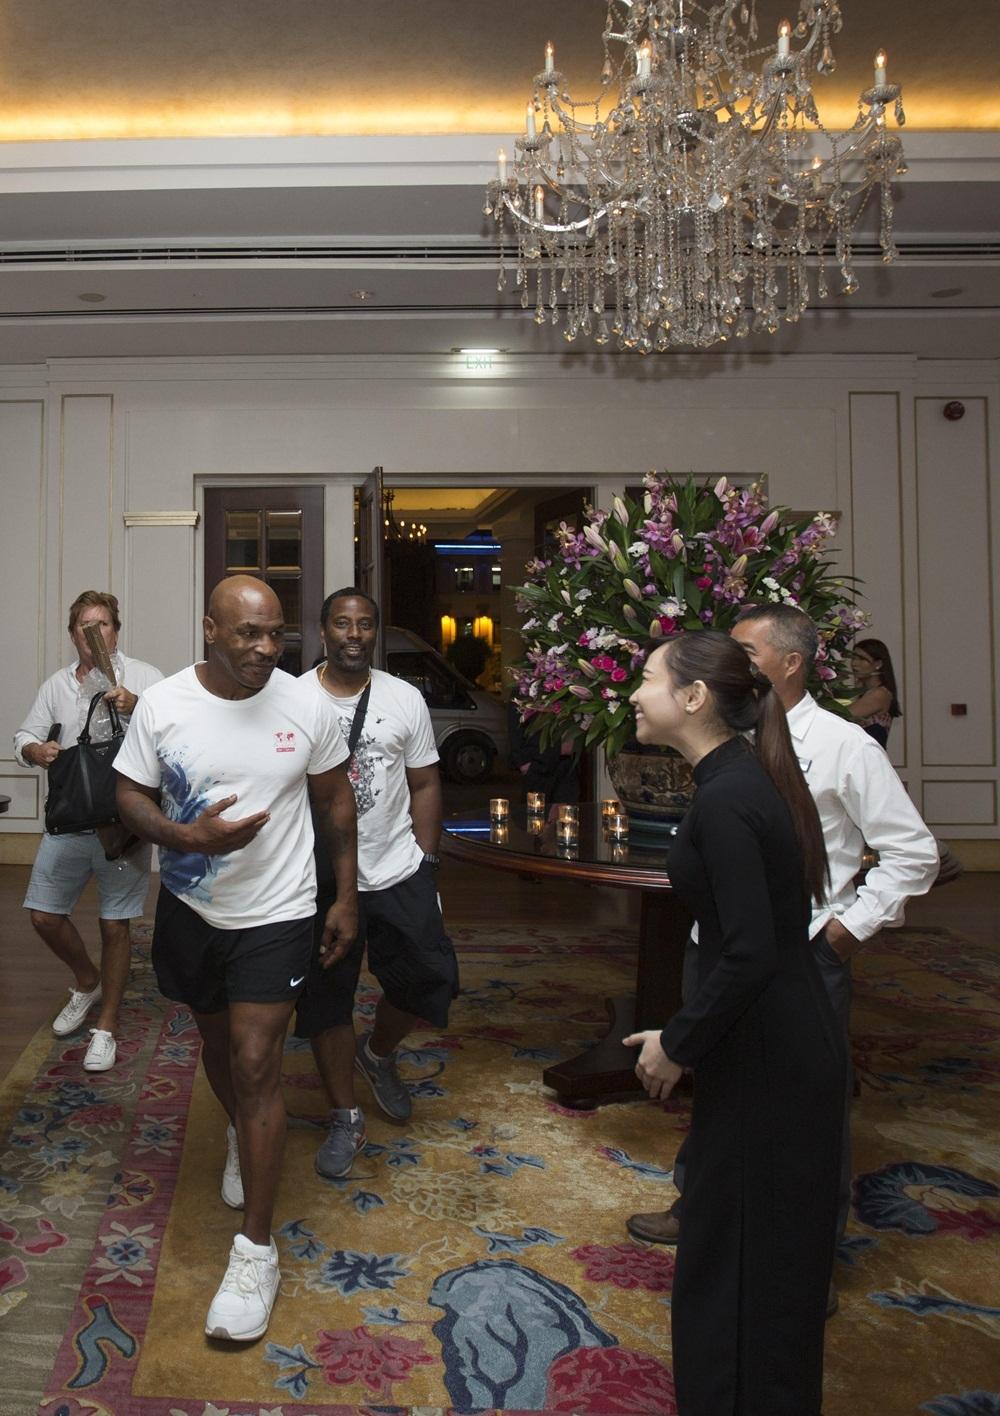 Diễn viên – nhà sản xuất Trần Bảo Sơn chia sẻ, dù rất thân thiện và gần gũi với mọi người trong đoàn phim, nhưng Mike Tyson cũng không thể dành thời gian để thăm những thắng cảnh tại Việt Nam hay tổ chức gặp gỡ giới truyền thông như dự kiến.